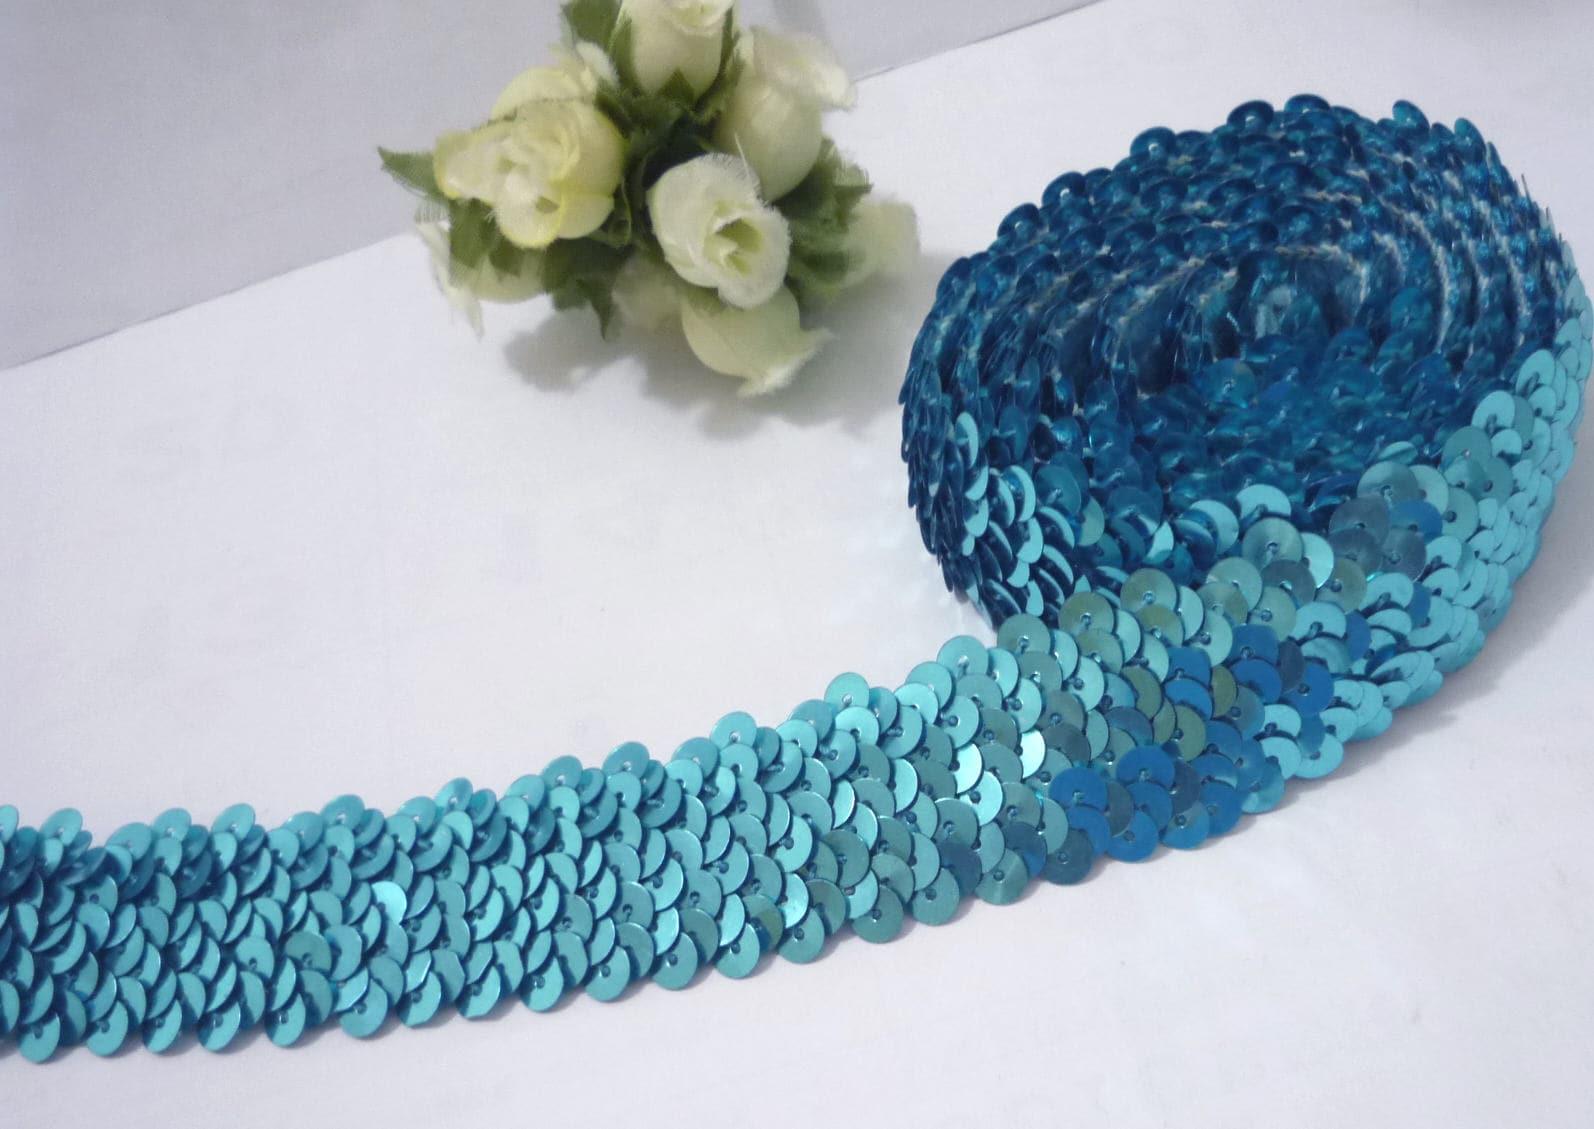 1 po/2,5 cm de largeur - - largeur 9 yds Turquoise Bleu Stretch rond Sequin élastique SQ9 05fa7b